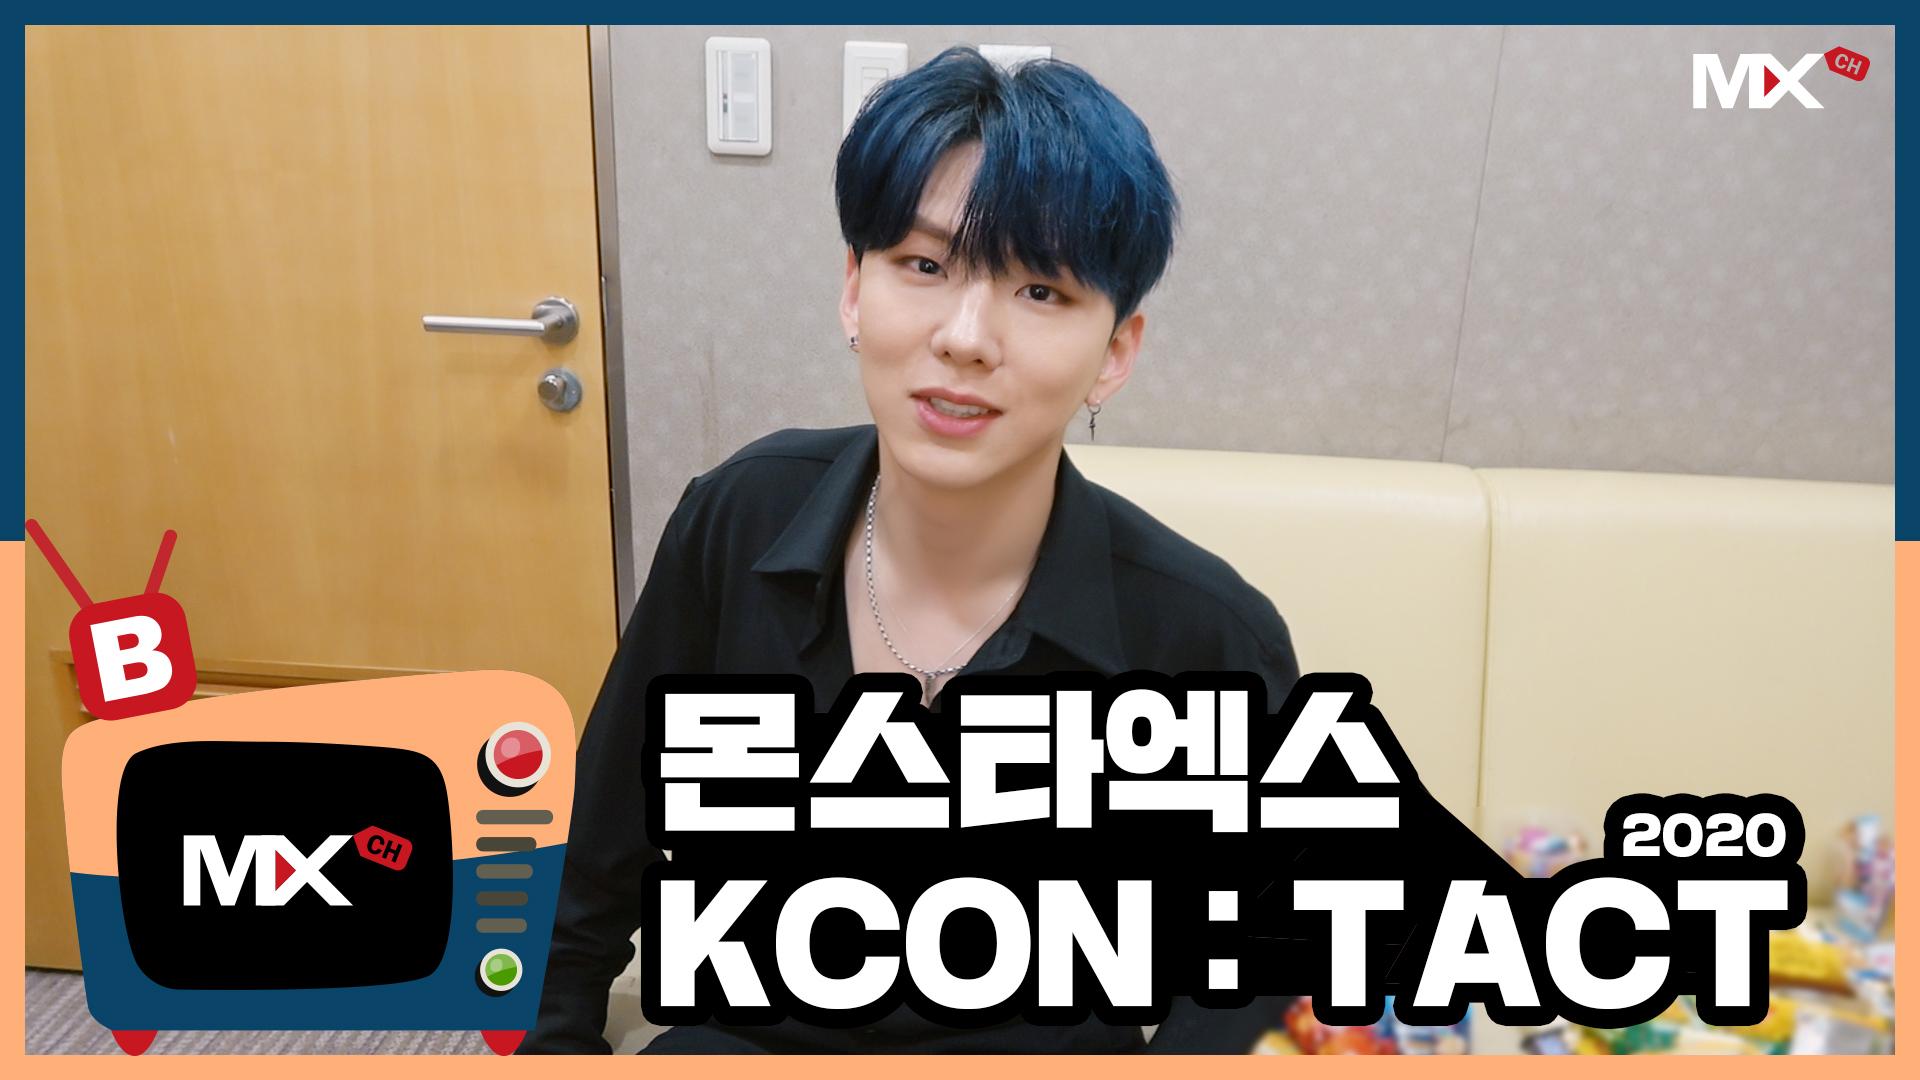 [몬채널][B] EP.184 KCON:TACT 2020 SUMMER